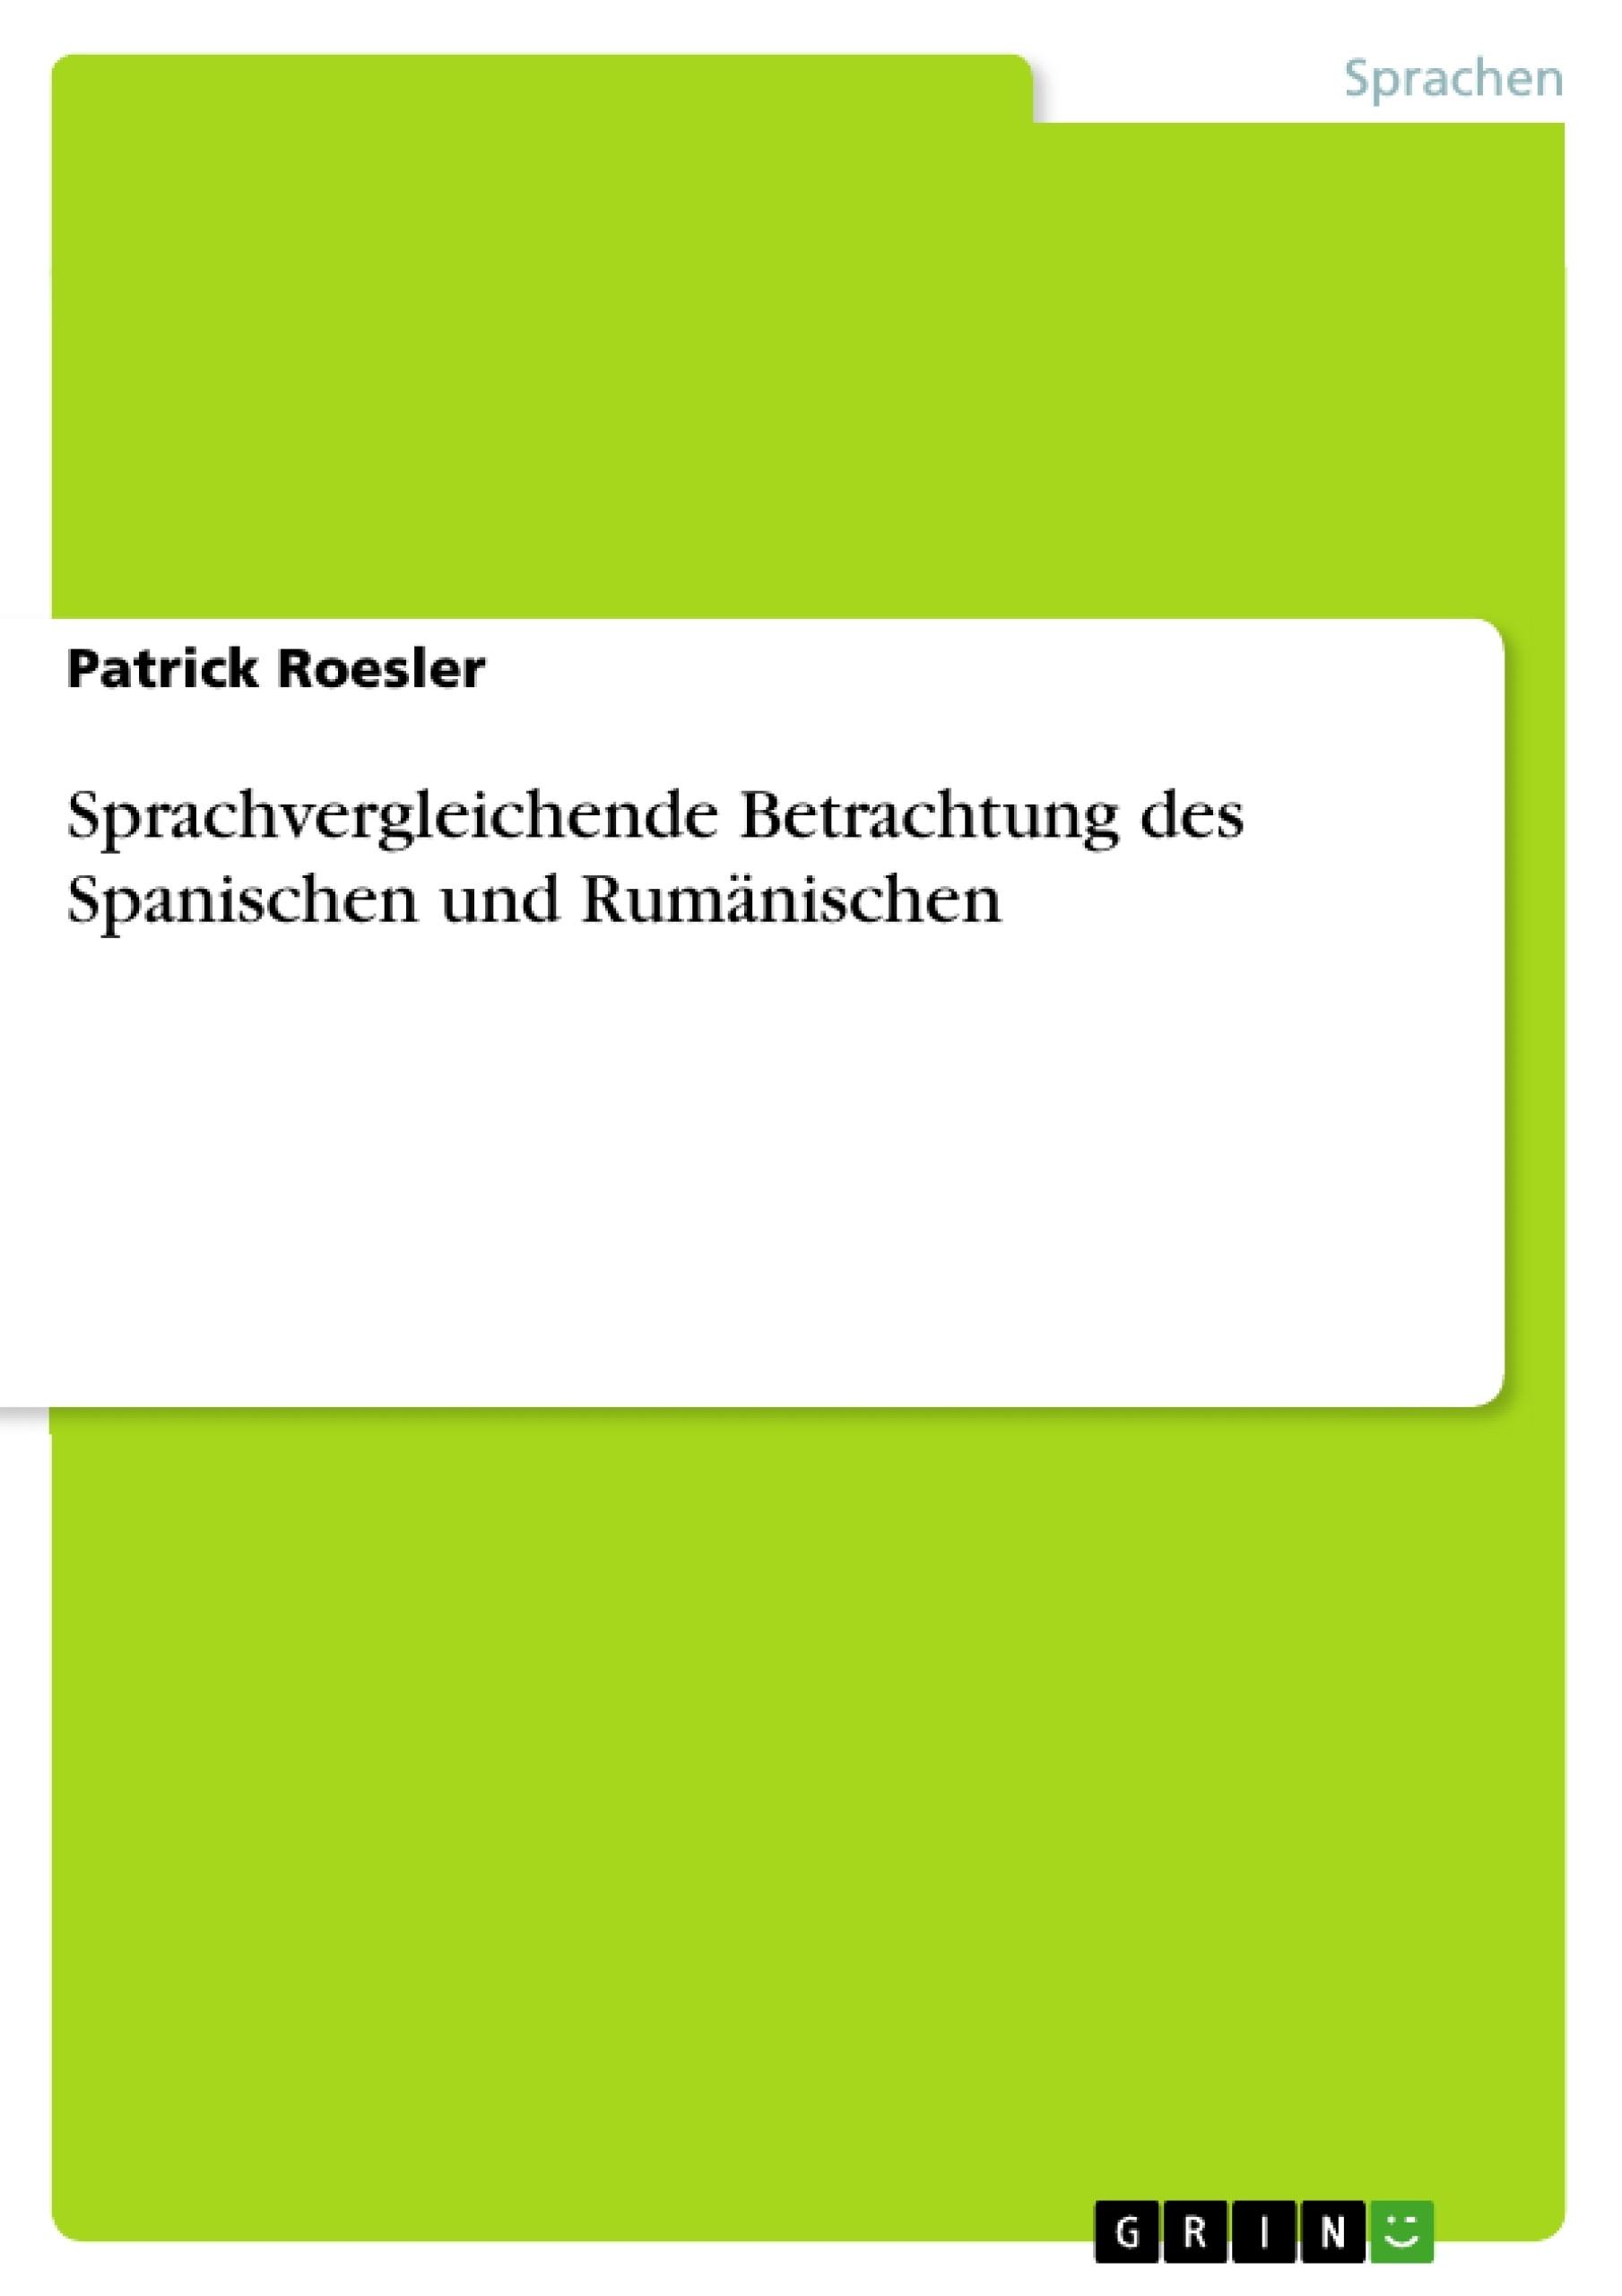 Titel: Sprachvergleichende Betrachtung des Spanischen und Rumänischen